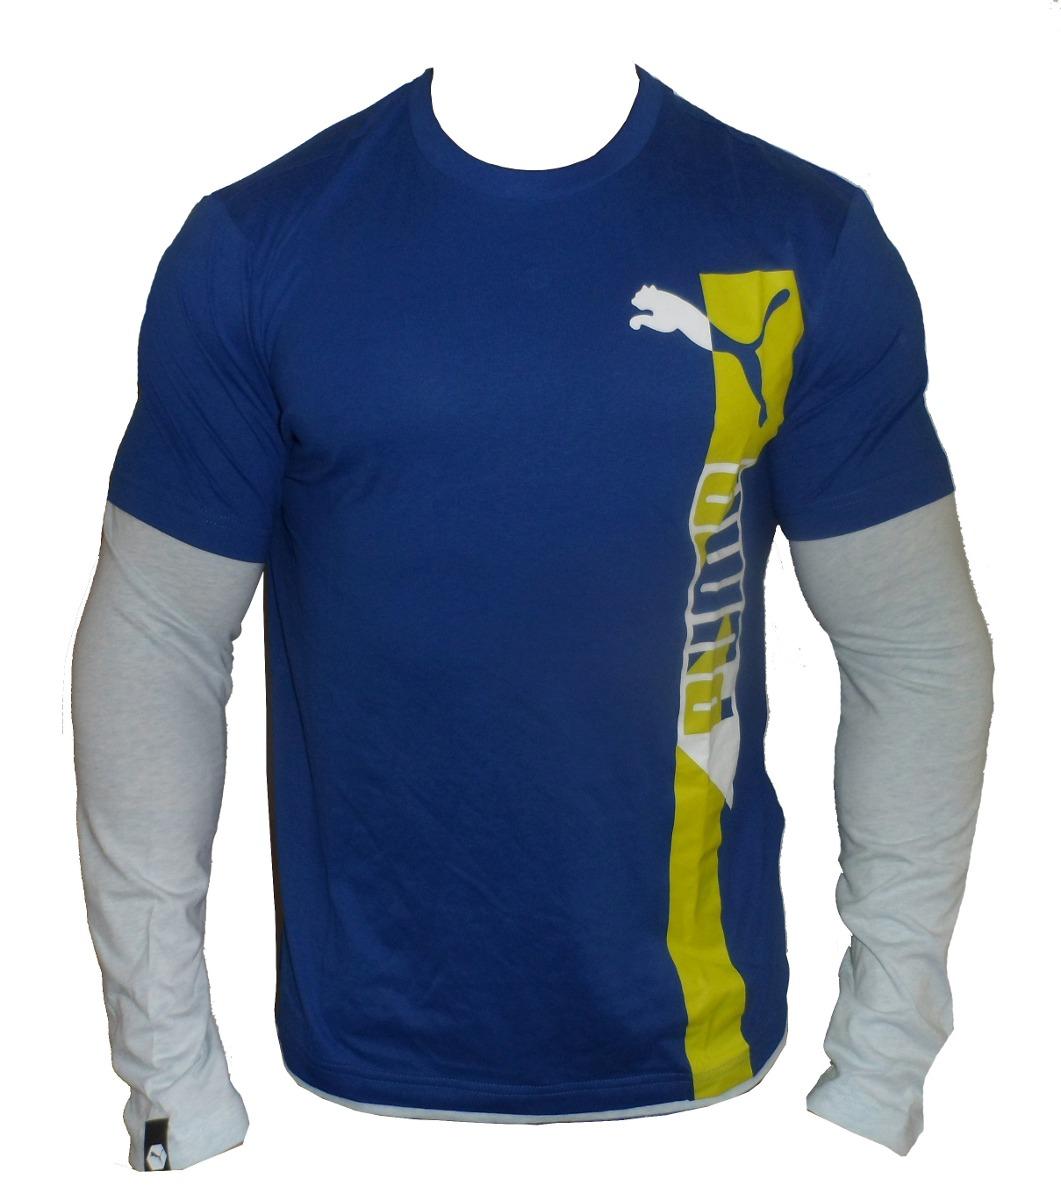 franelas camisas sueters puma nike adidas 100% originales. Cargando zoom. 41d21925aea13